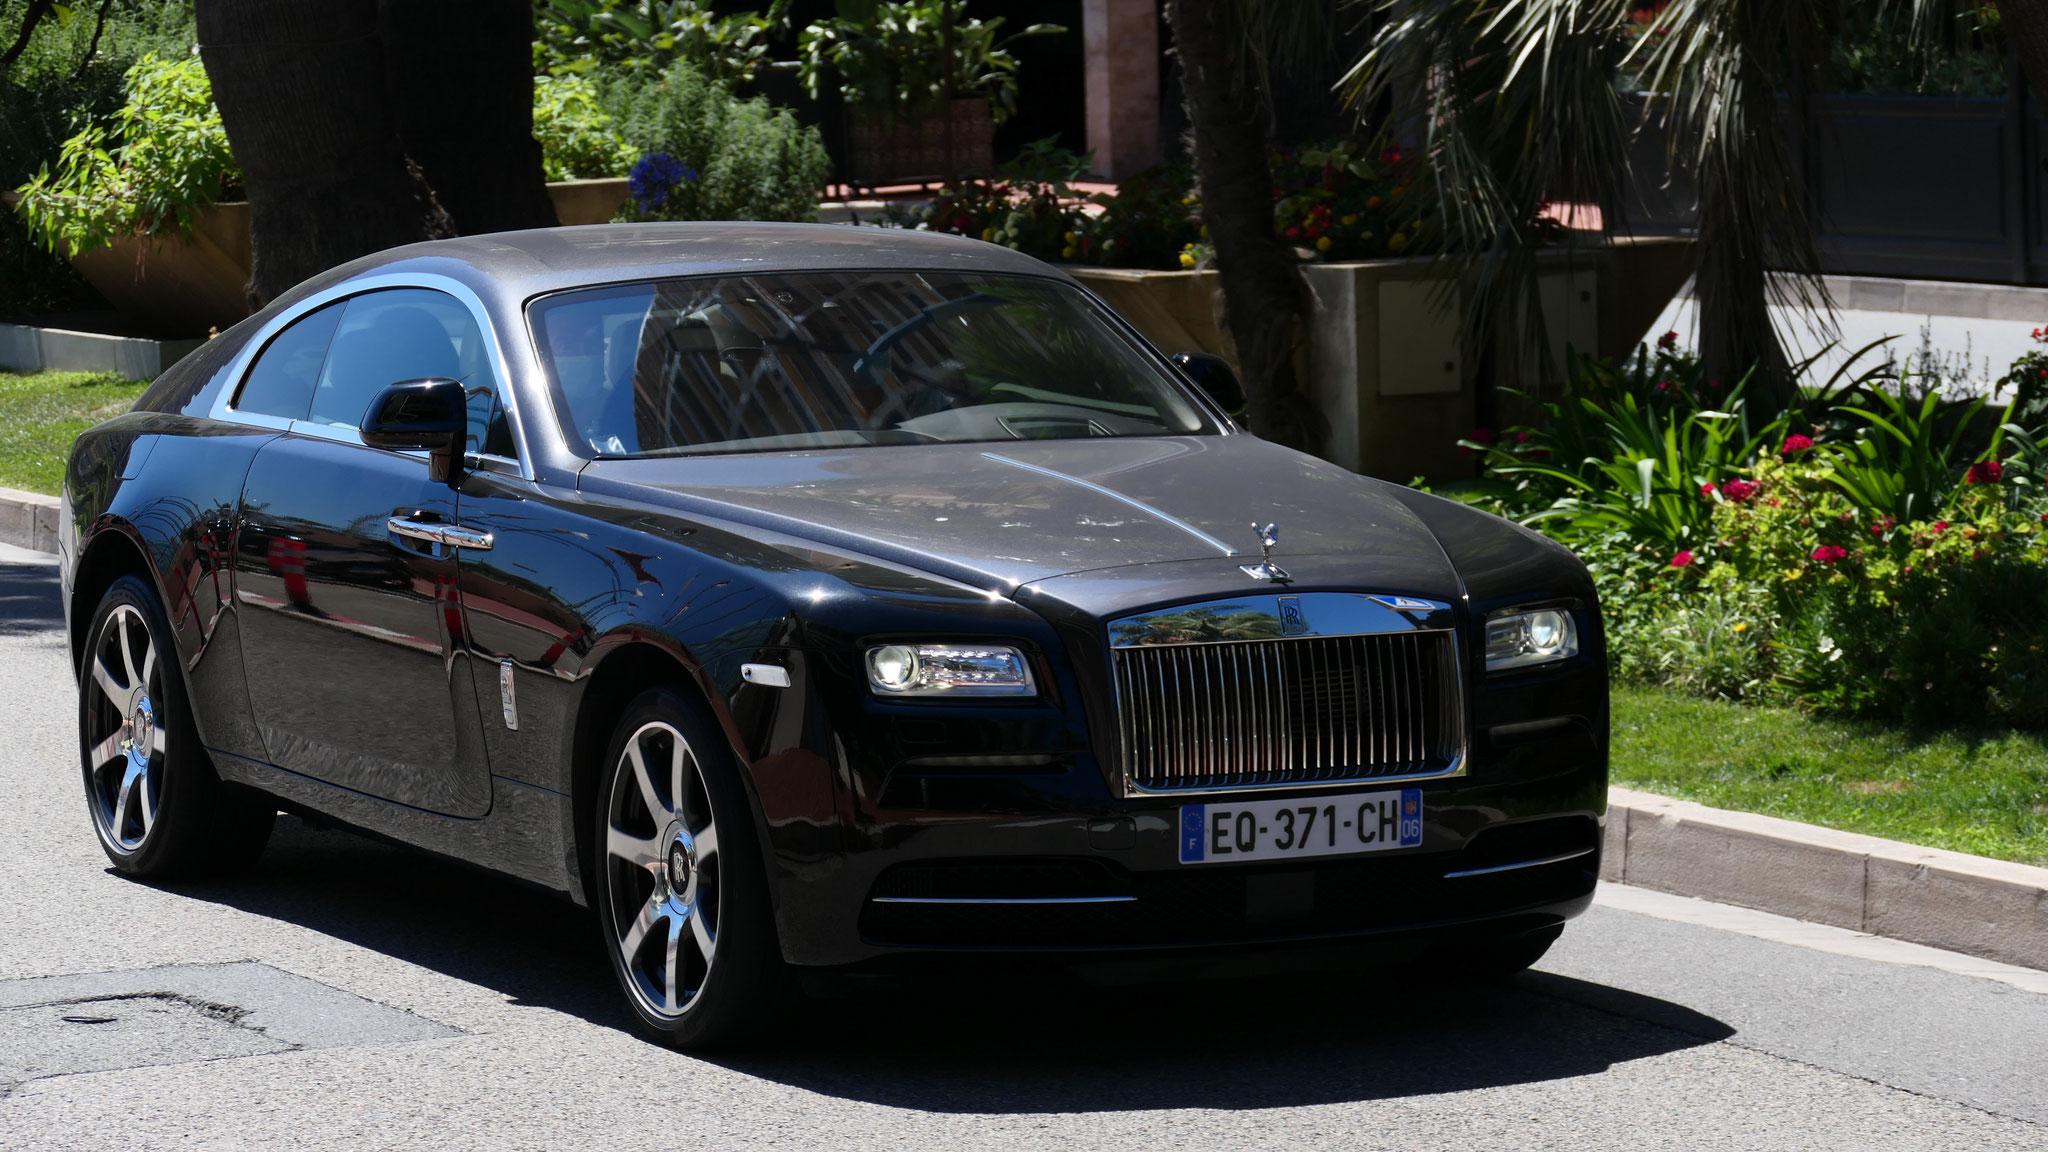 Rolls Royce Wraith - EQ-371-CH-06 (FRA)